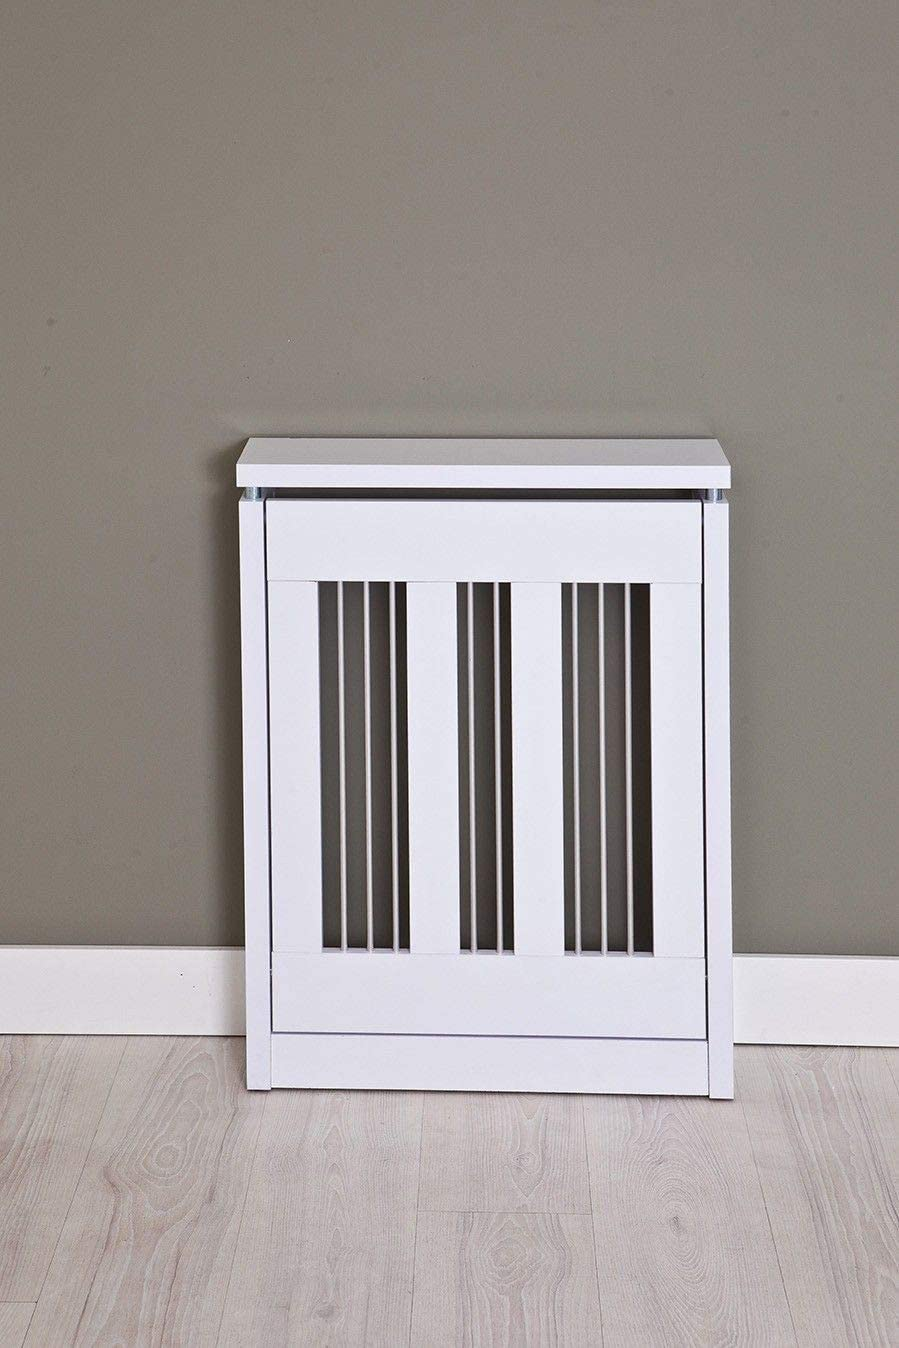 Couvre-radiateur 60 cm de Largeur Blanc Intradisa 3061